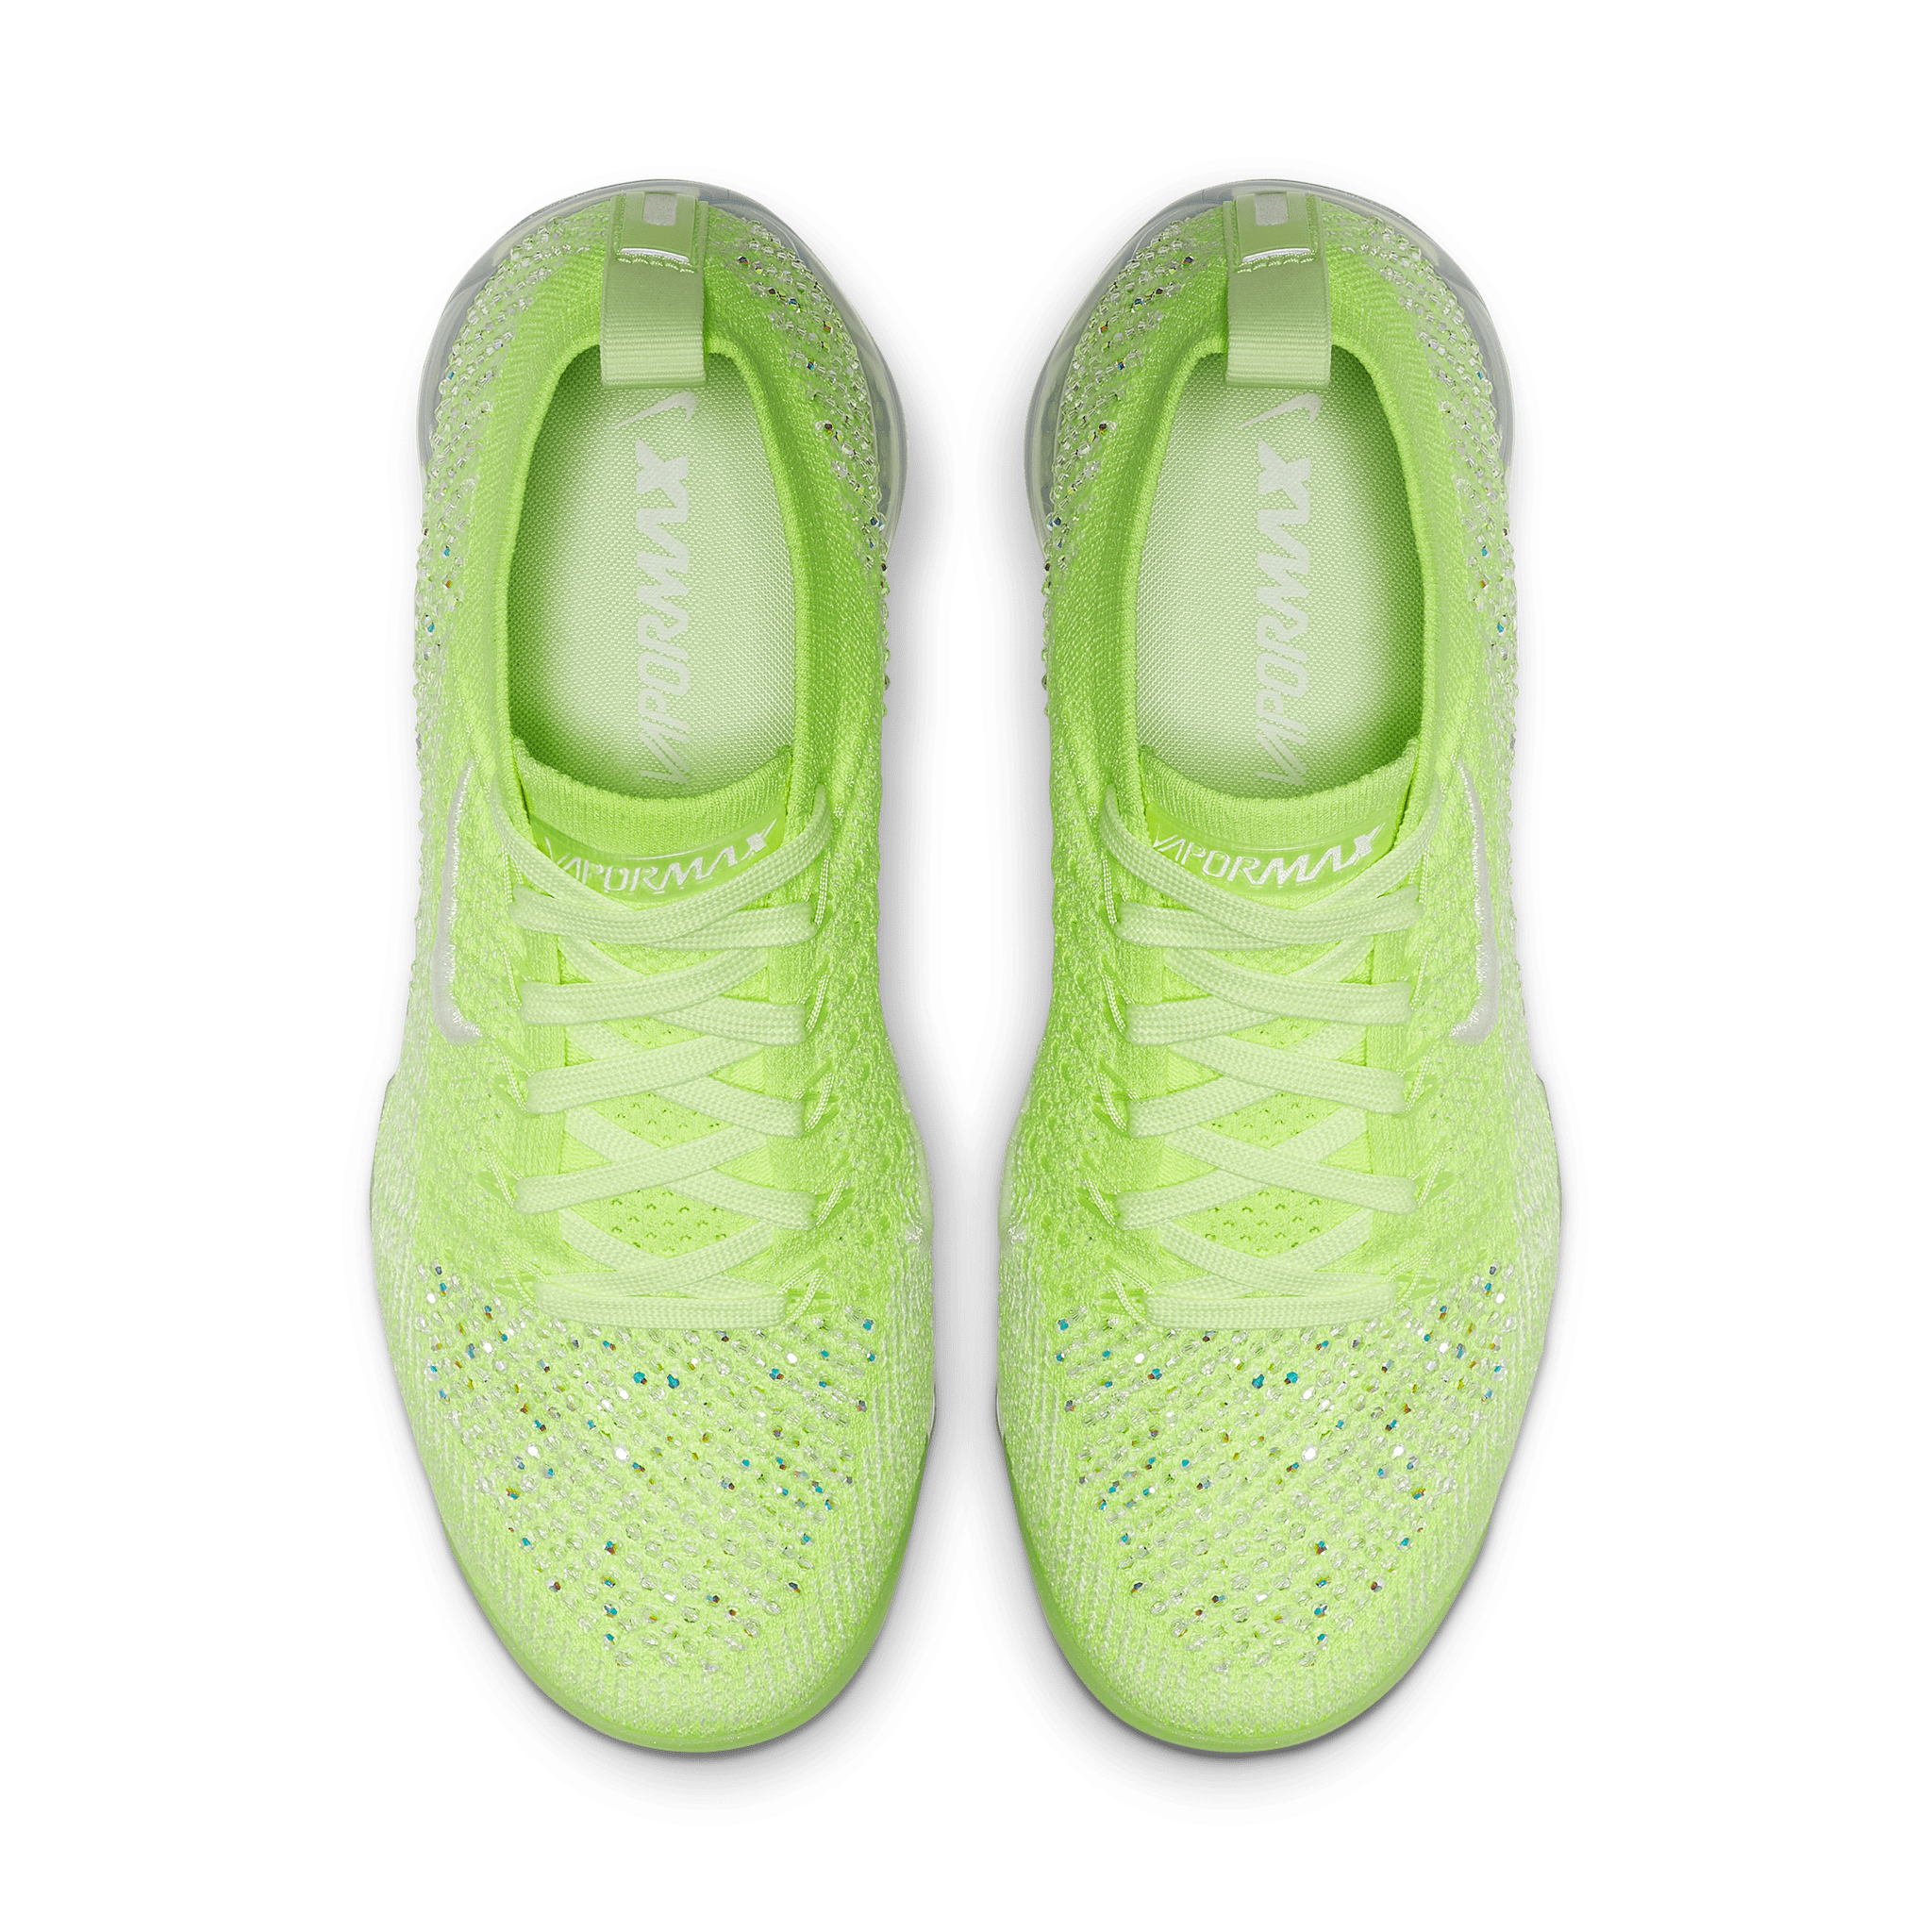 Nike Air VaporMax With Swarovski